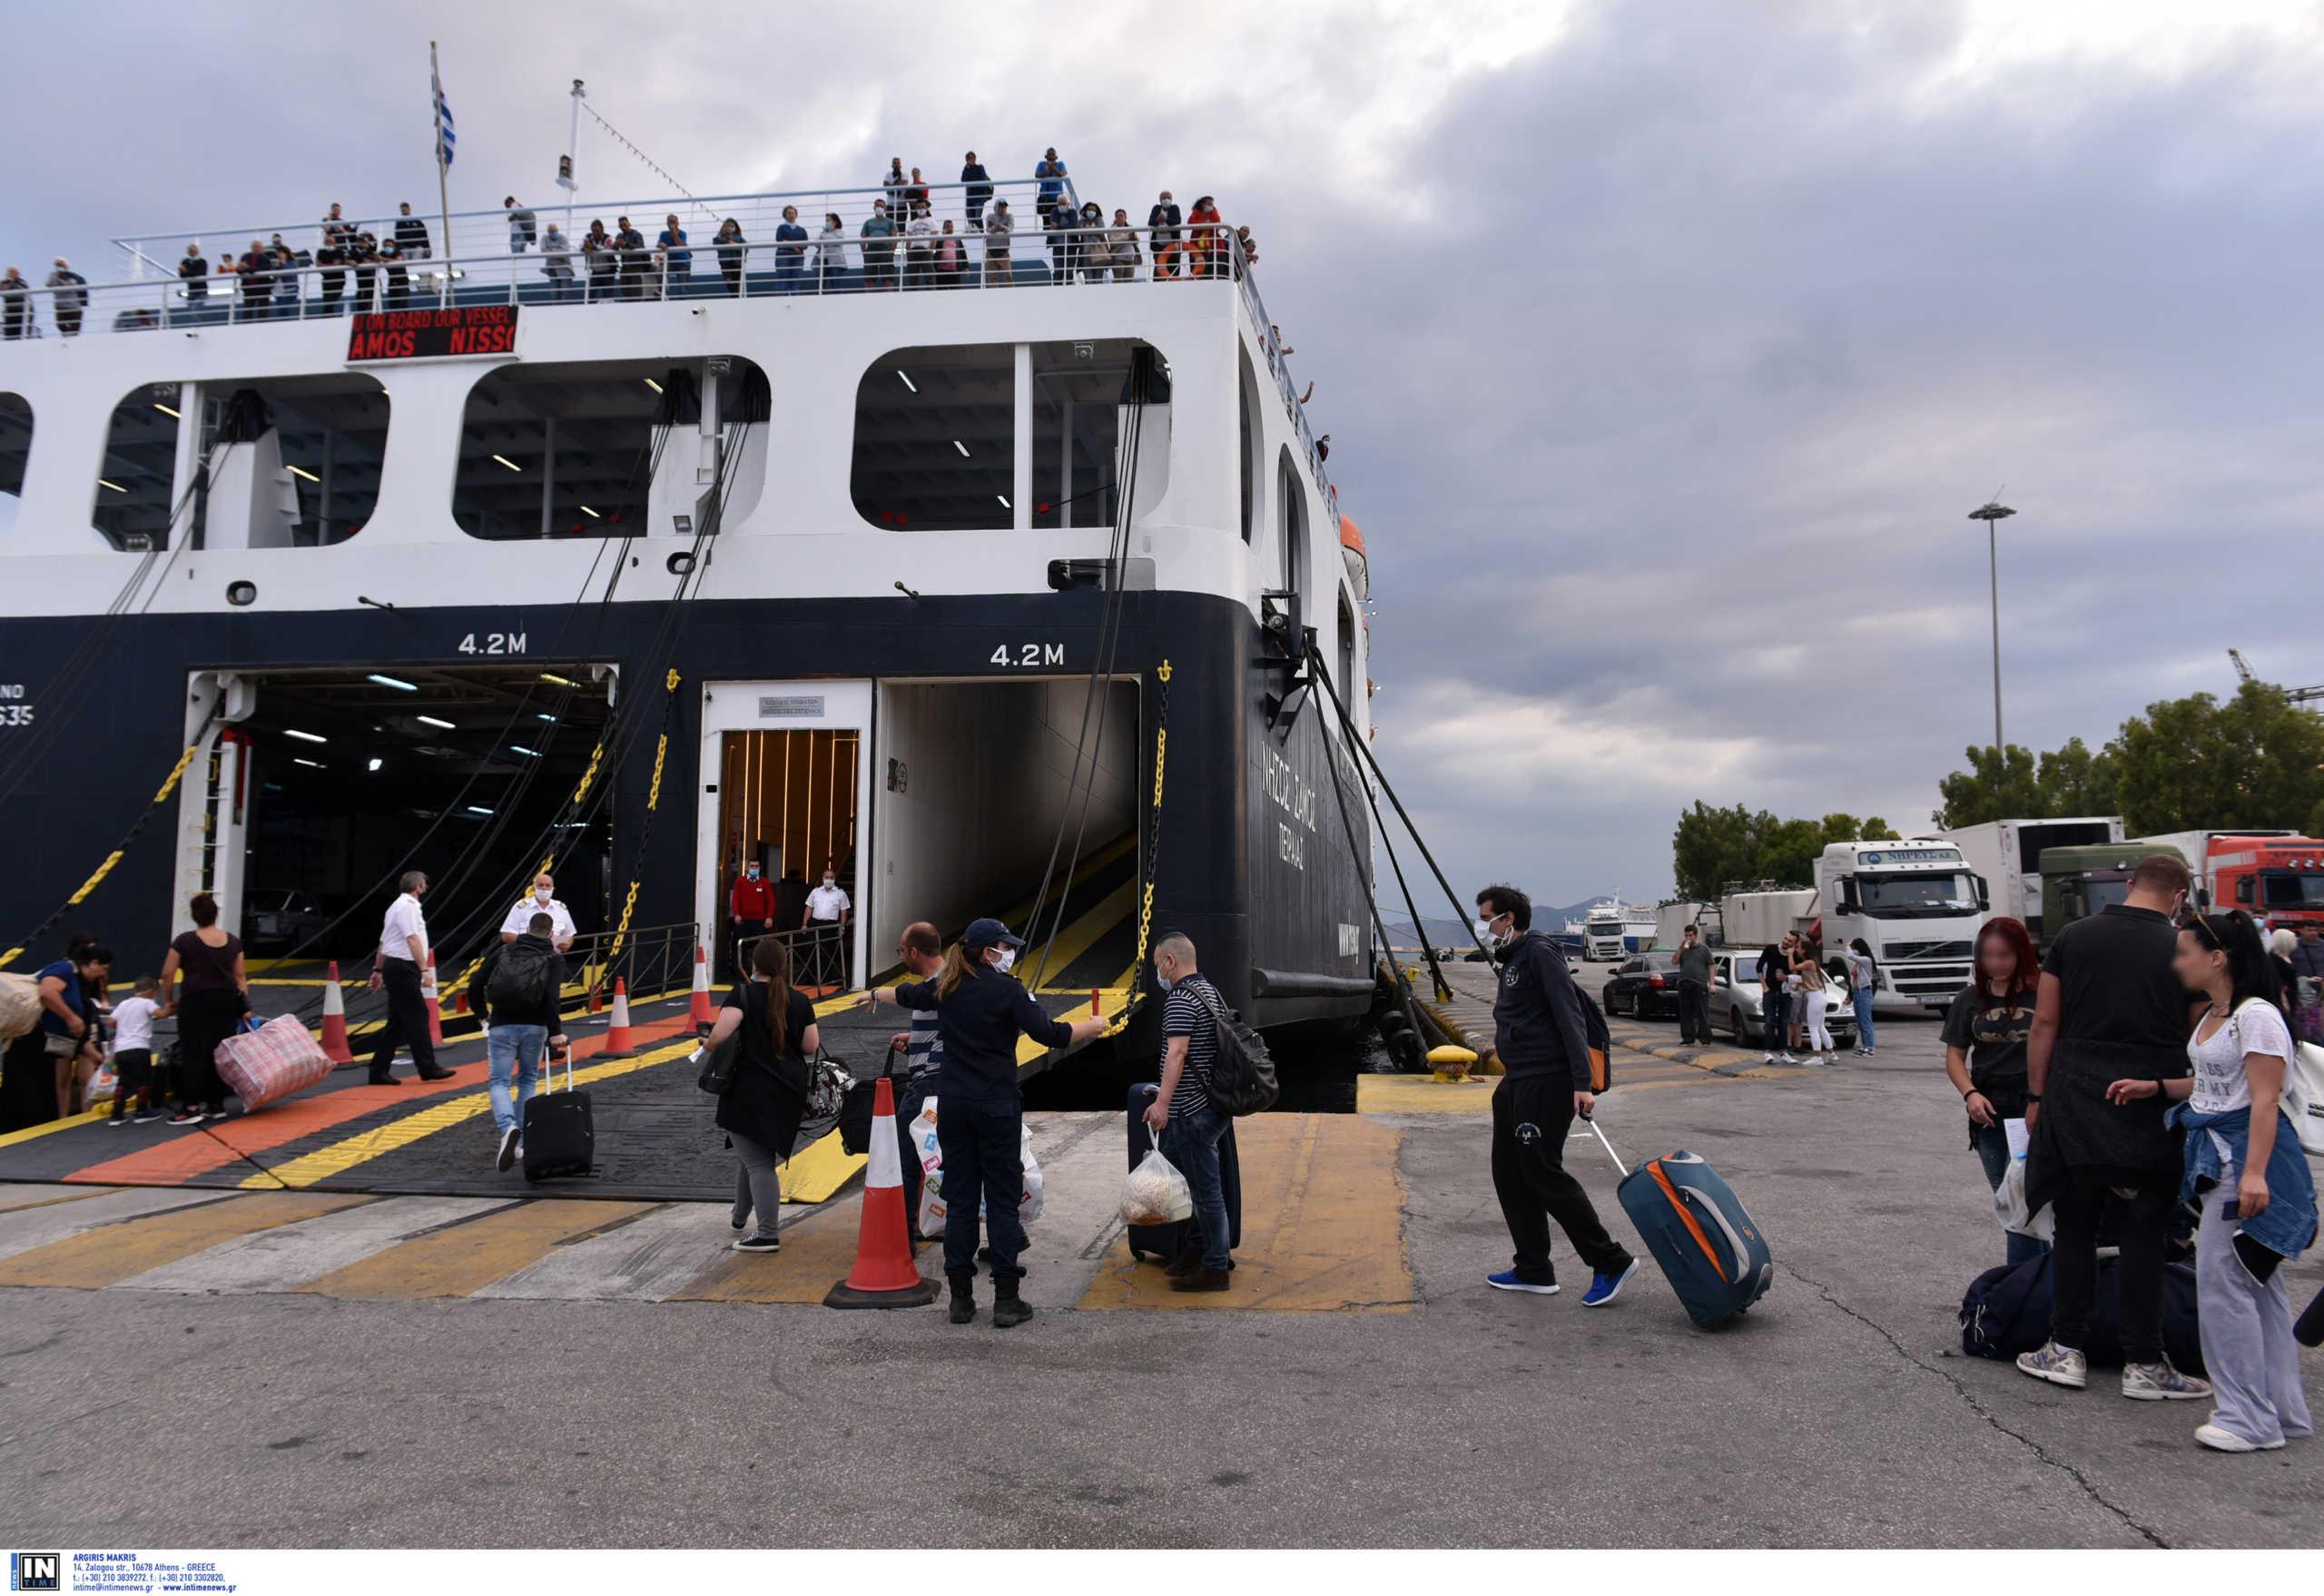 Κορονοϊός: Ποια πλοία κάνουν δρομολόγια και τι θα αλλάξει από τις 15 Ιουνίου